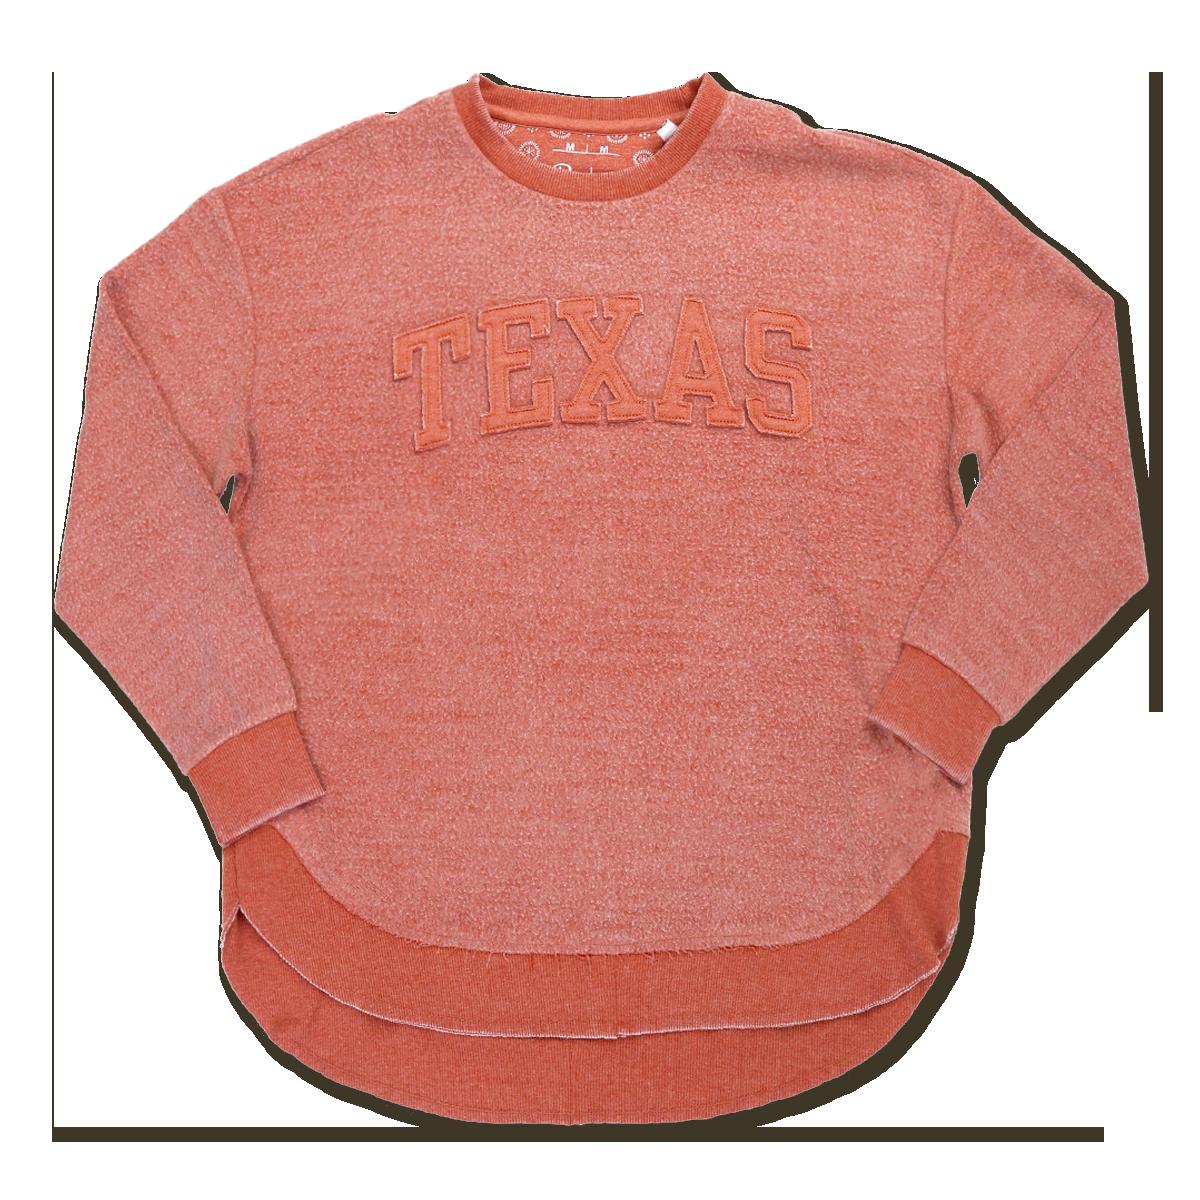 Pressbox Texas Applique Poncho Fleece